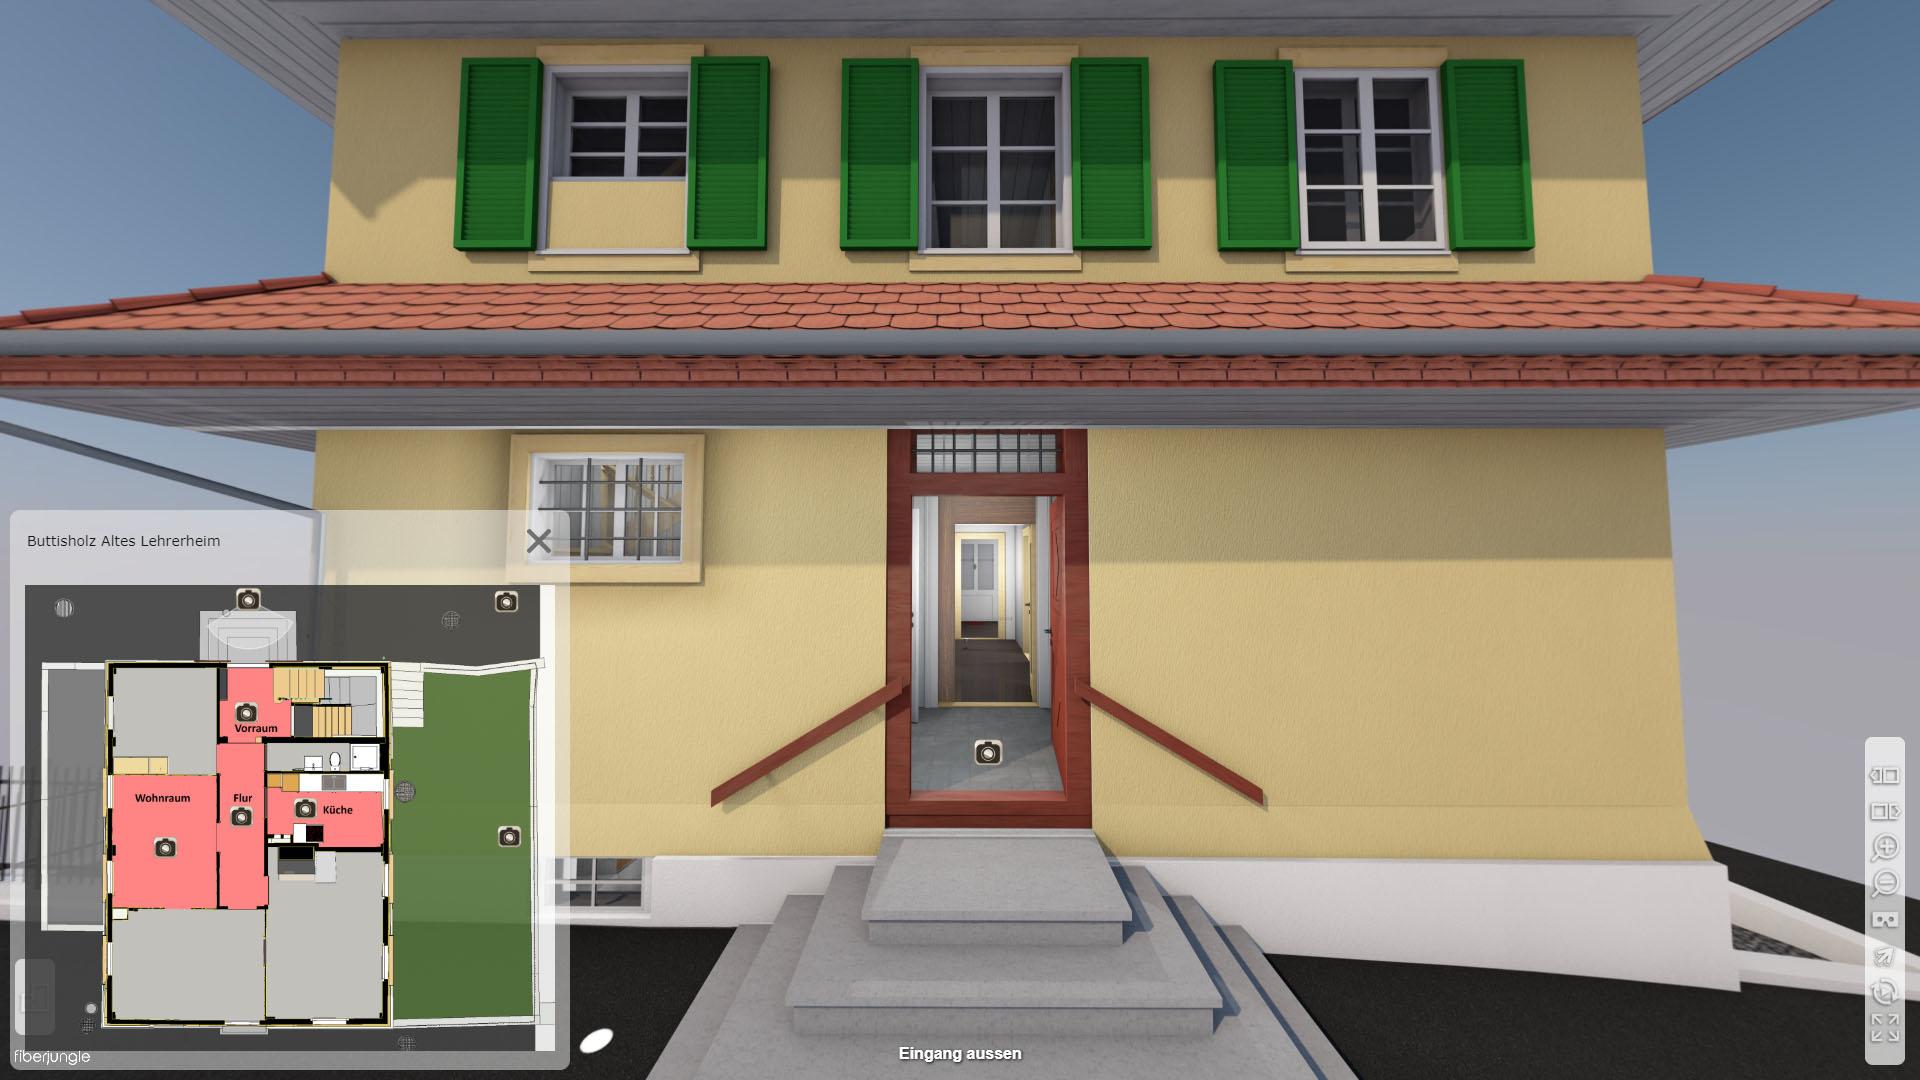 Altes Lehrerheim Buttisholz Luzern Eingang aussen